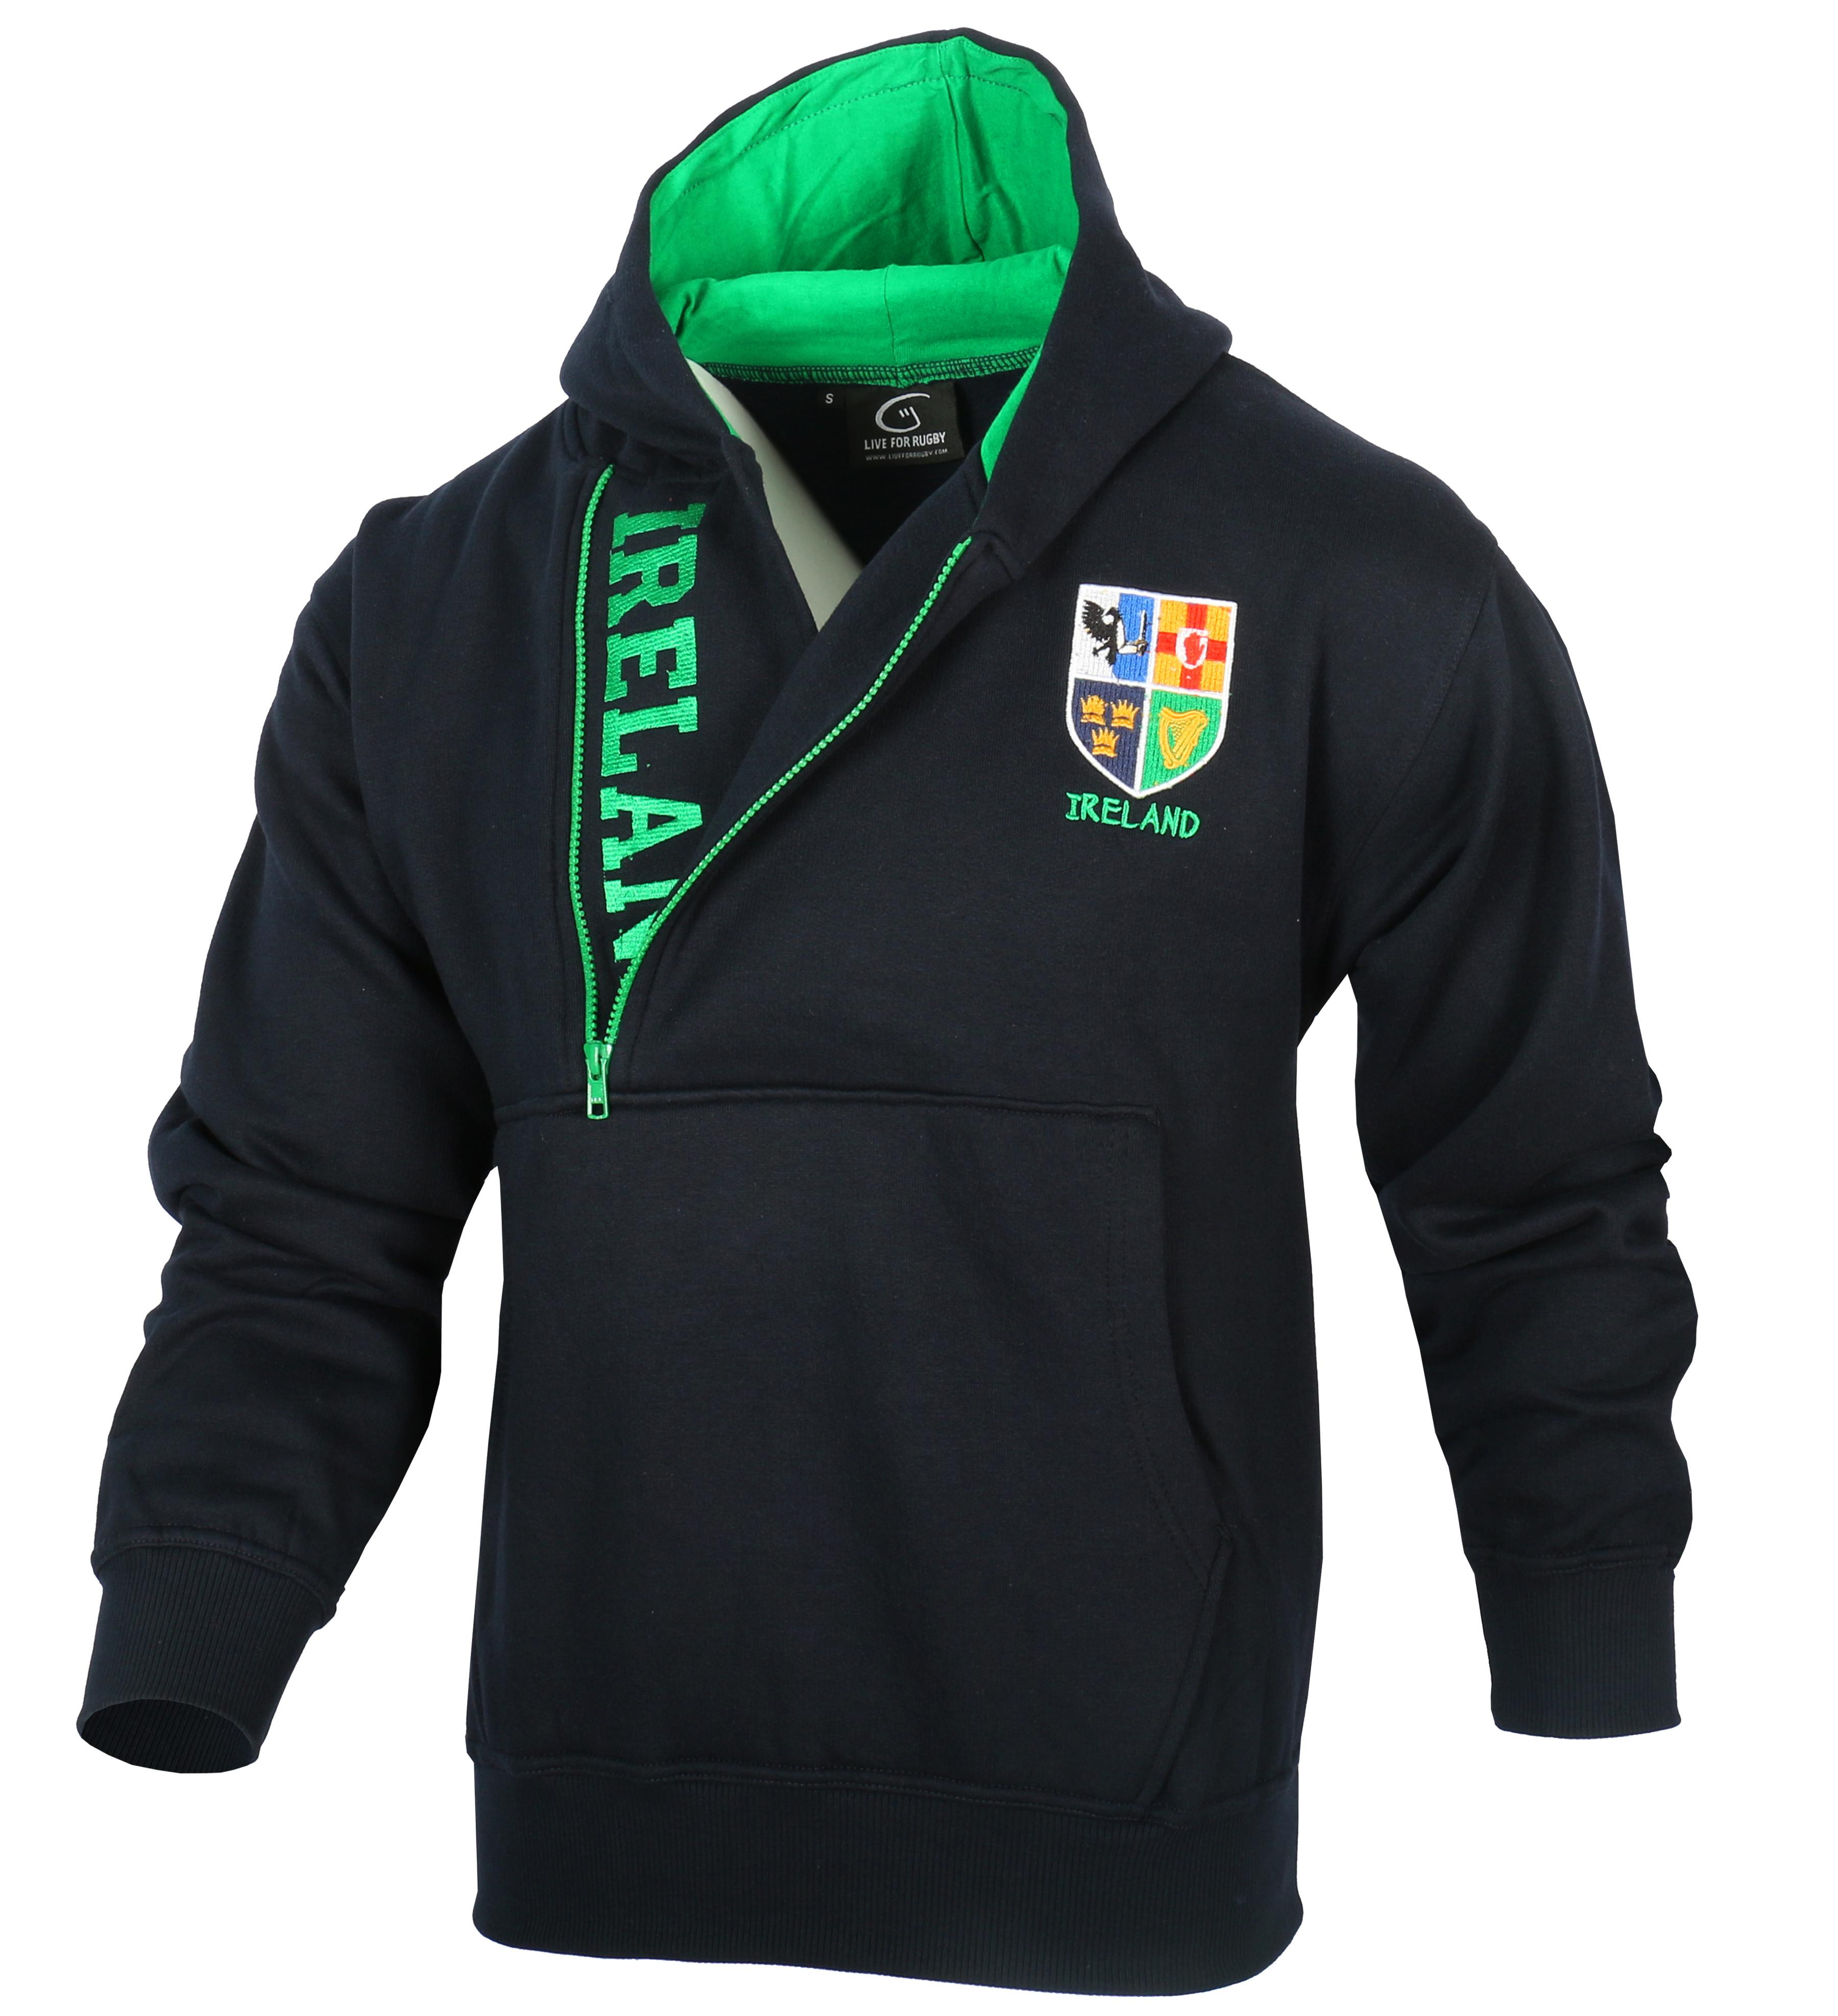 Men-039-s-Half-Zip-Hoodie-Pullover-Sweatshirt-Ireland-Navy-and-Green thumbnail 4